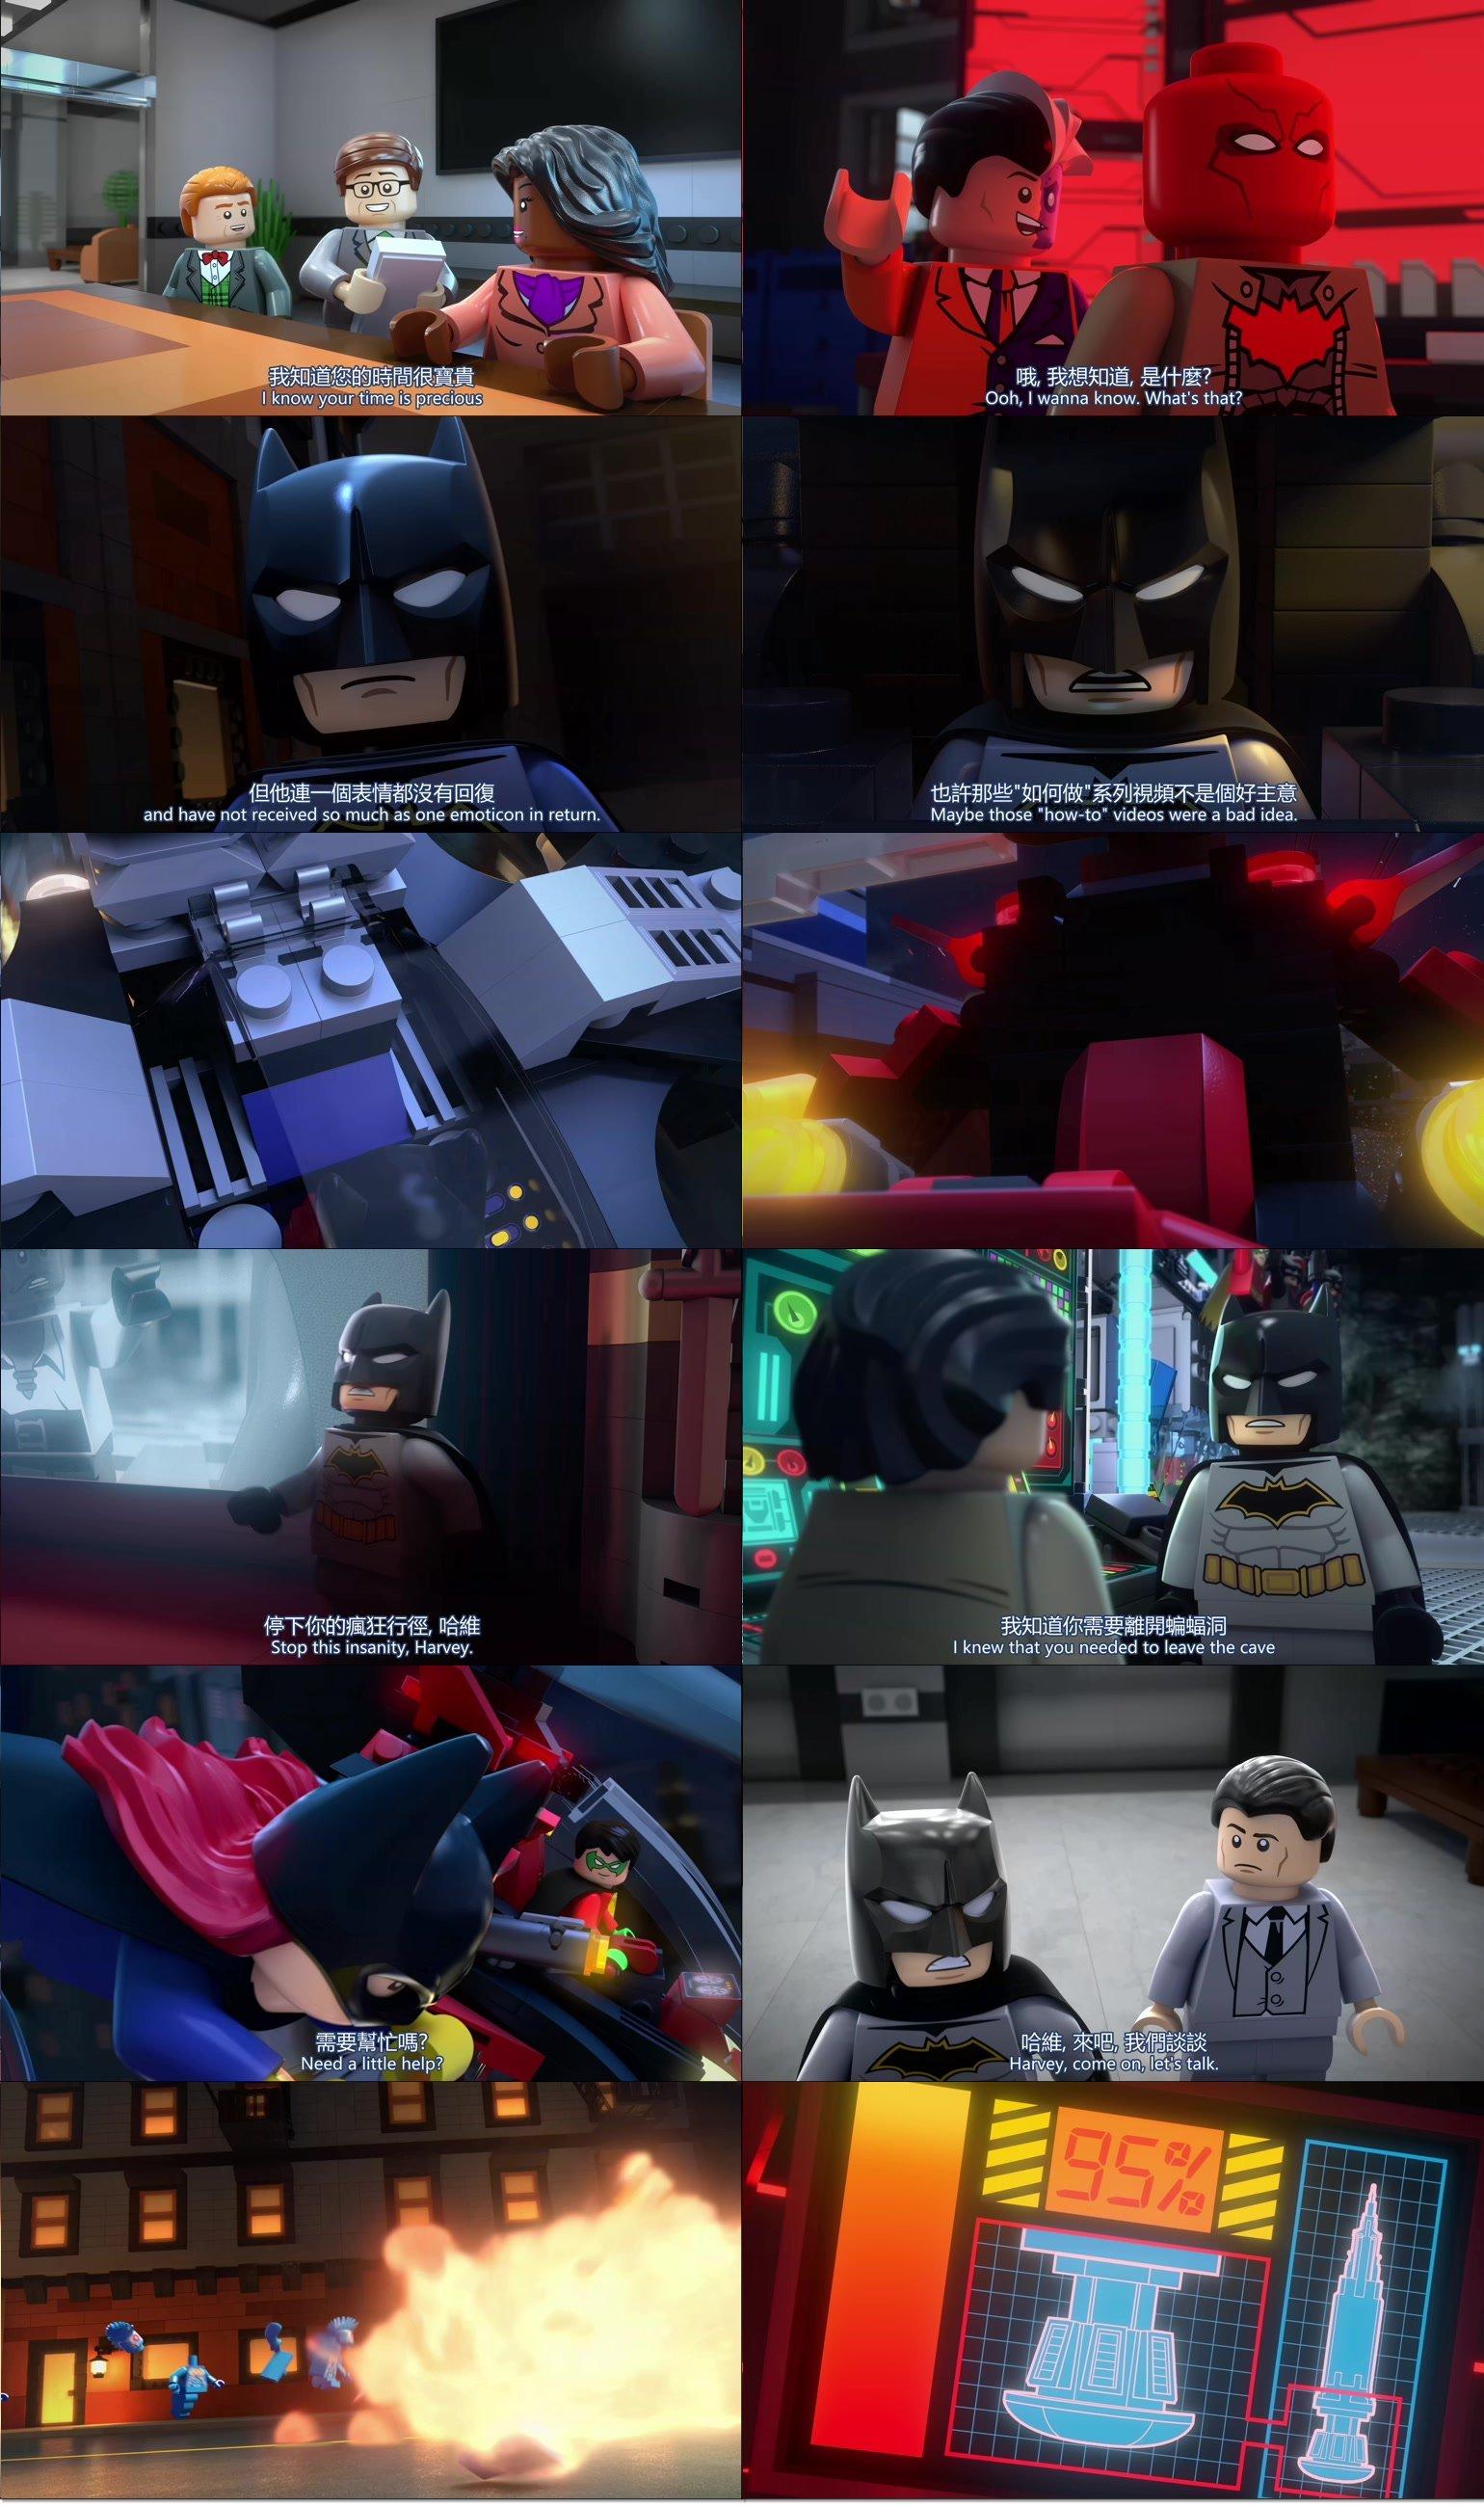 這邊是[美] 樂高DC蝙蝠俠:家族事務.2019.BluRay-1080p(MKV@4.9G@繁簡英]圖片的自定義alt信息;551775,735551,haokuku,3